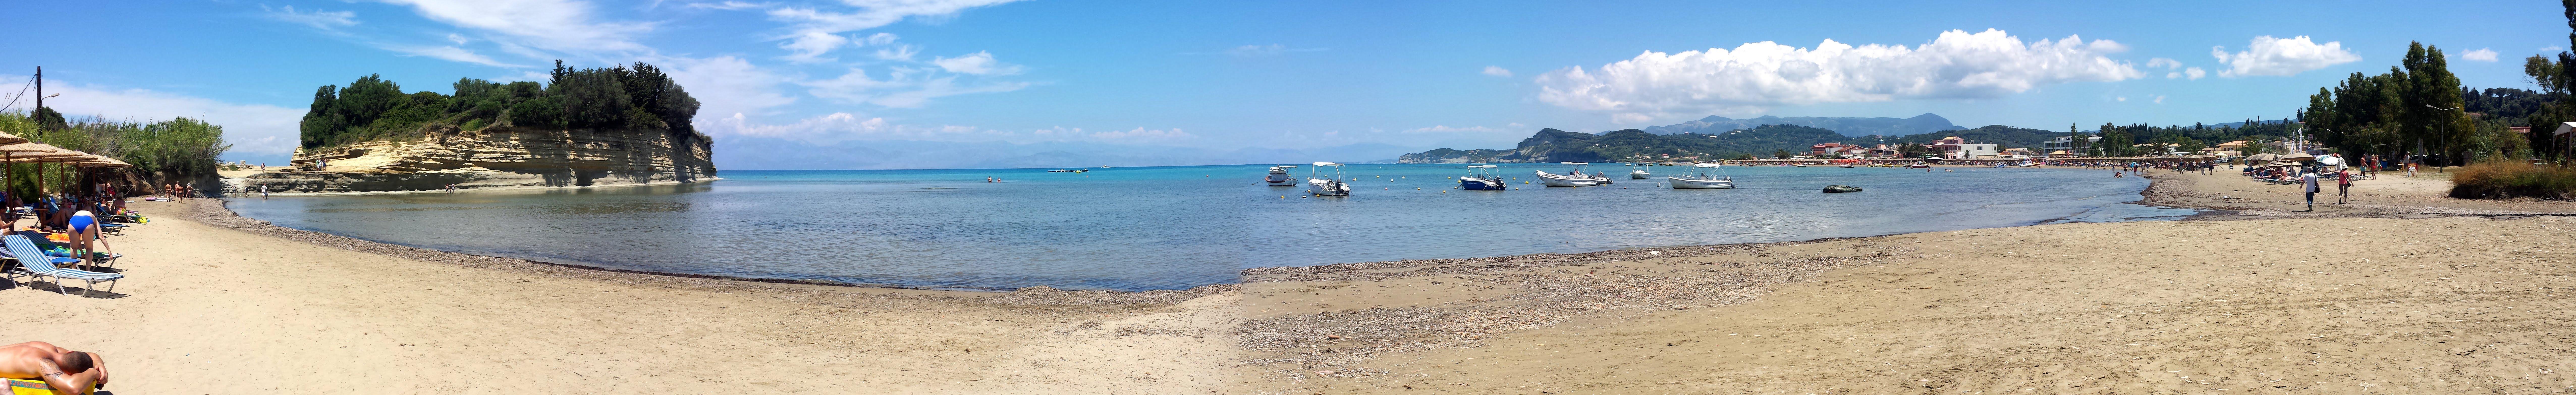 Maria Beach